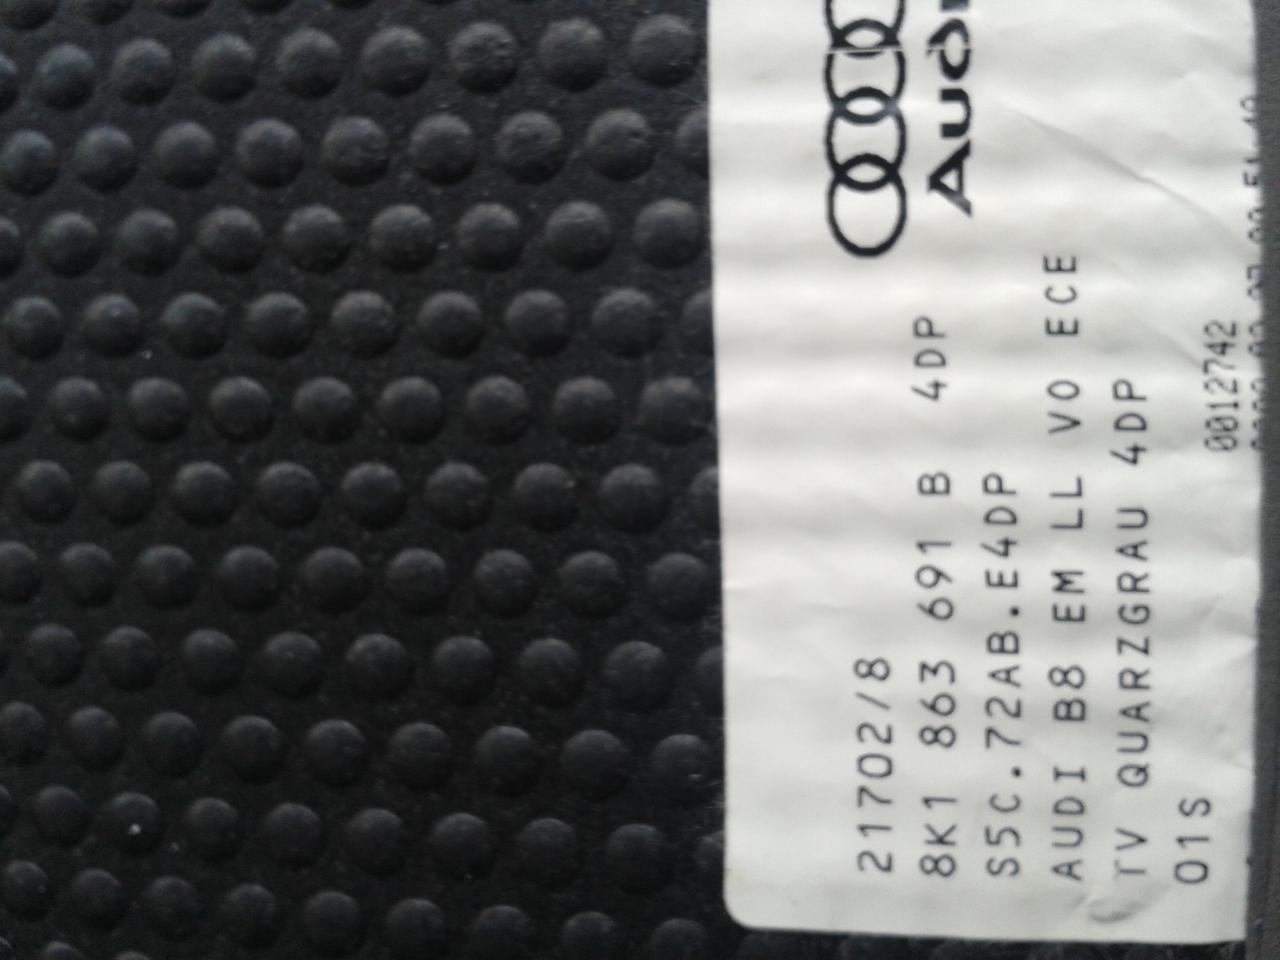 Huse si Covorase AUDI A8 d4,d3,d2, A7,A6 c7-4G,A6 c6-4f A5,A4 b8,b7,b6,b5, A3,A1, Q7,Q5,Q3